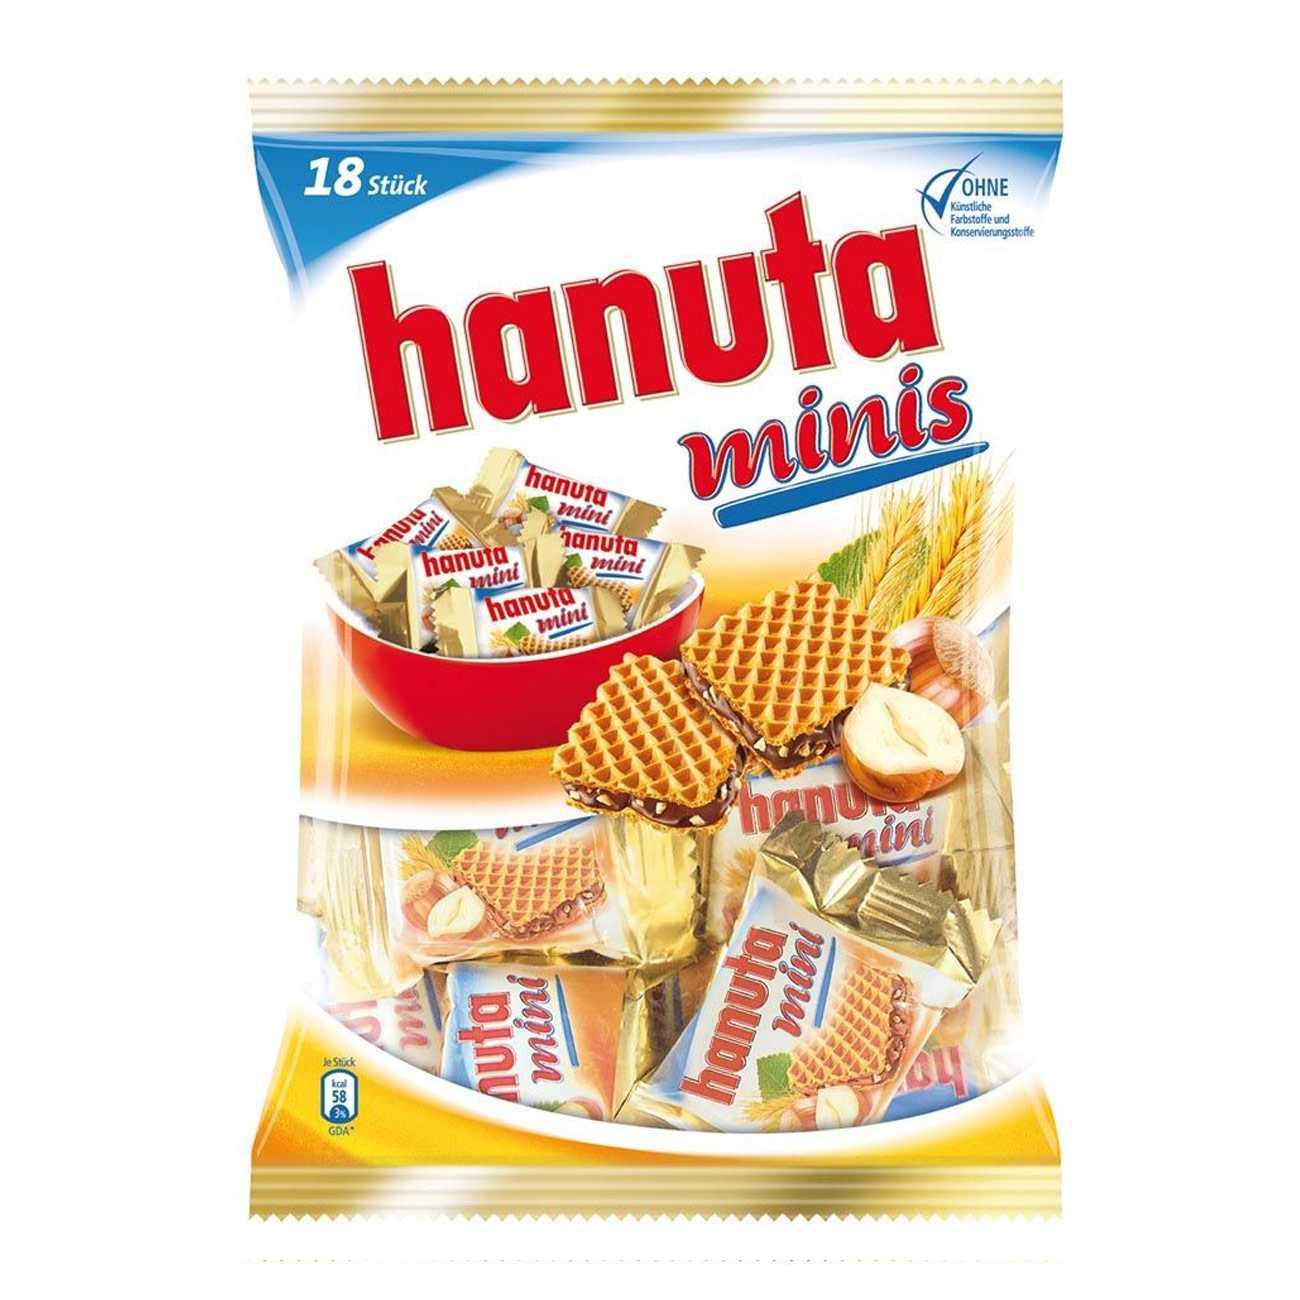 MINI HANUTA WAFERS 200 G